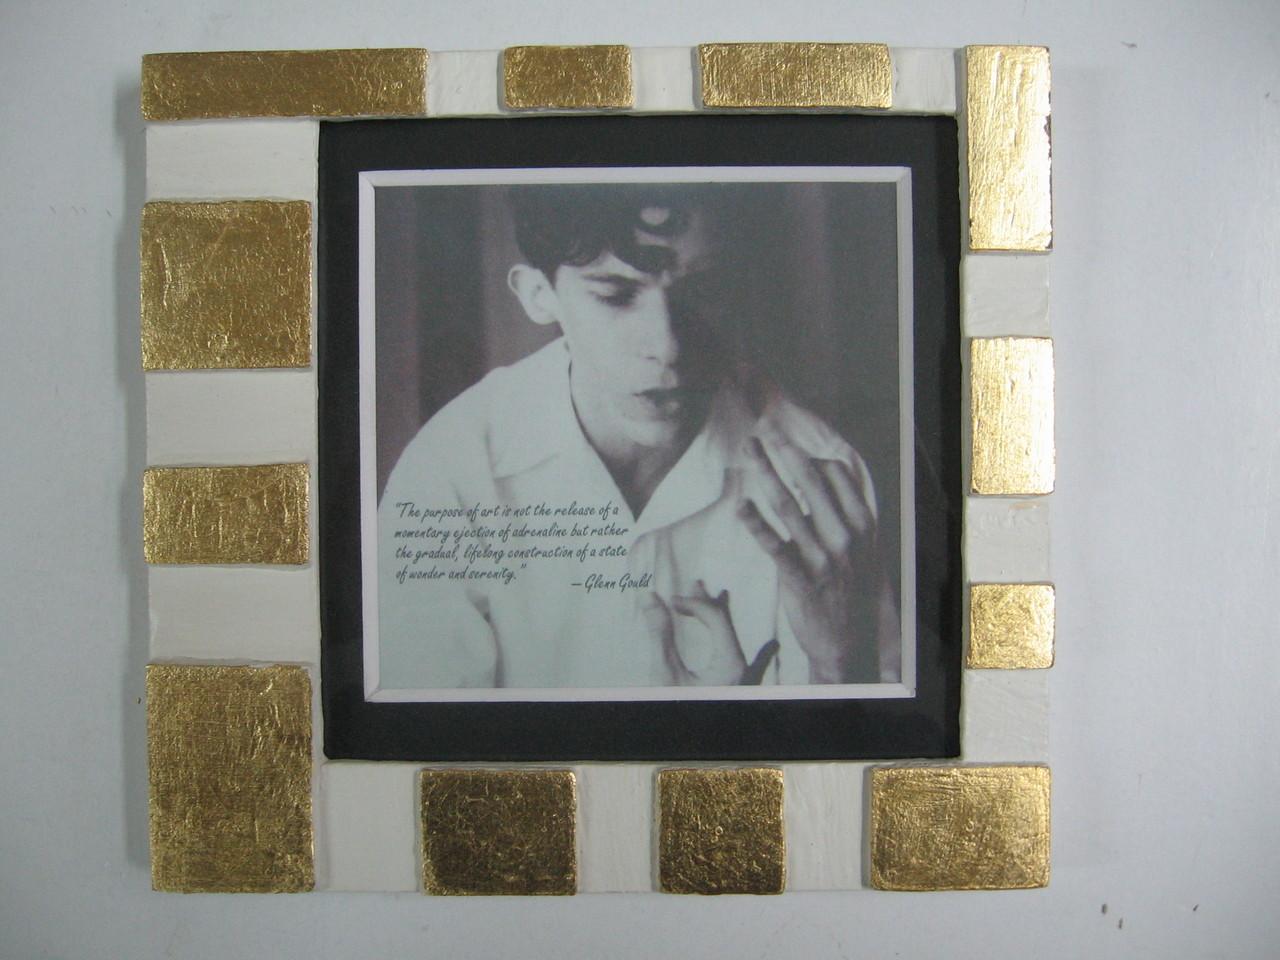 Foto d'autore in bianco/nero con cornice tobler in bianco e foglia oro, passepartout a smusso nero.